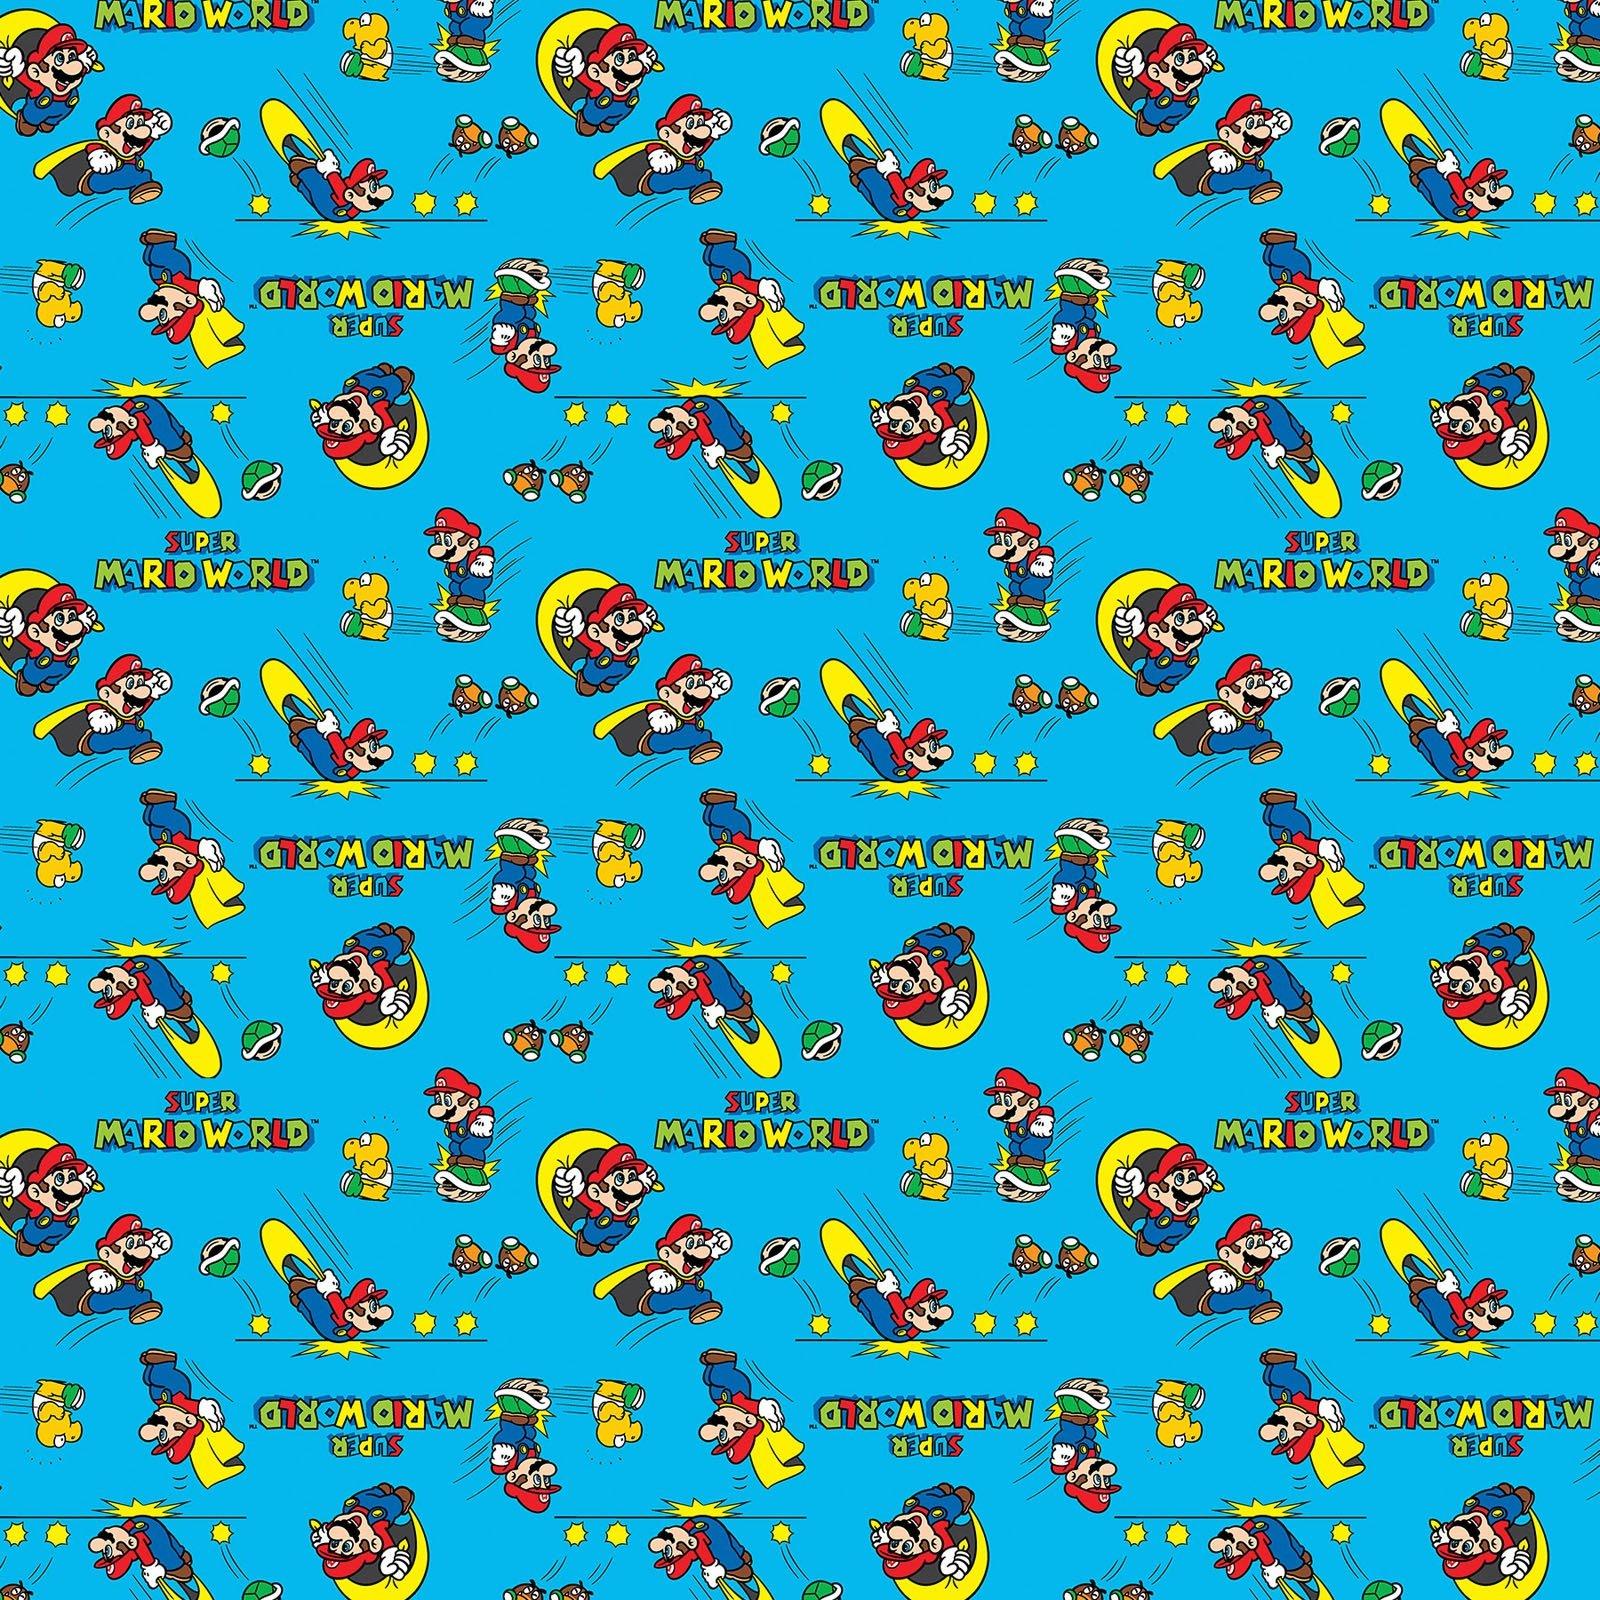 Super Mario - Super Mario world